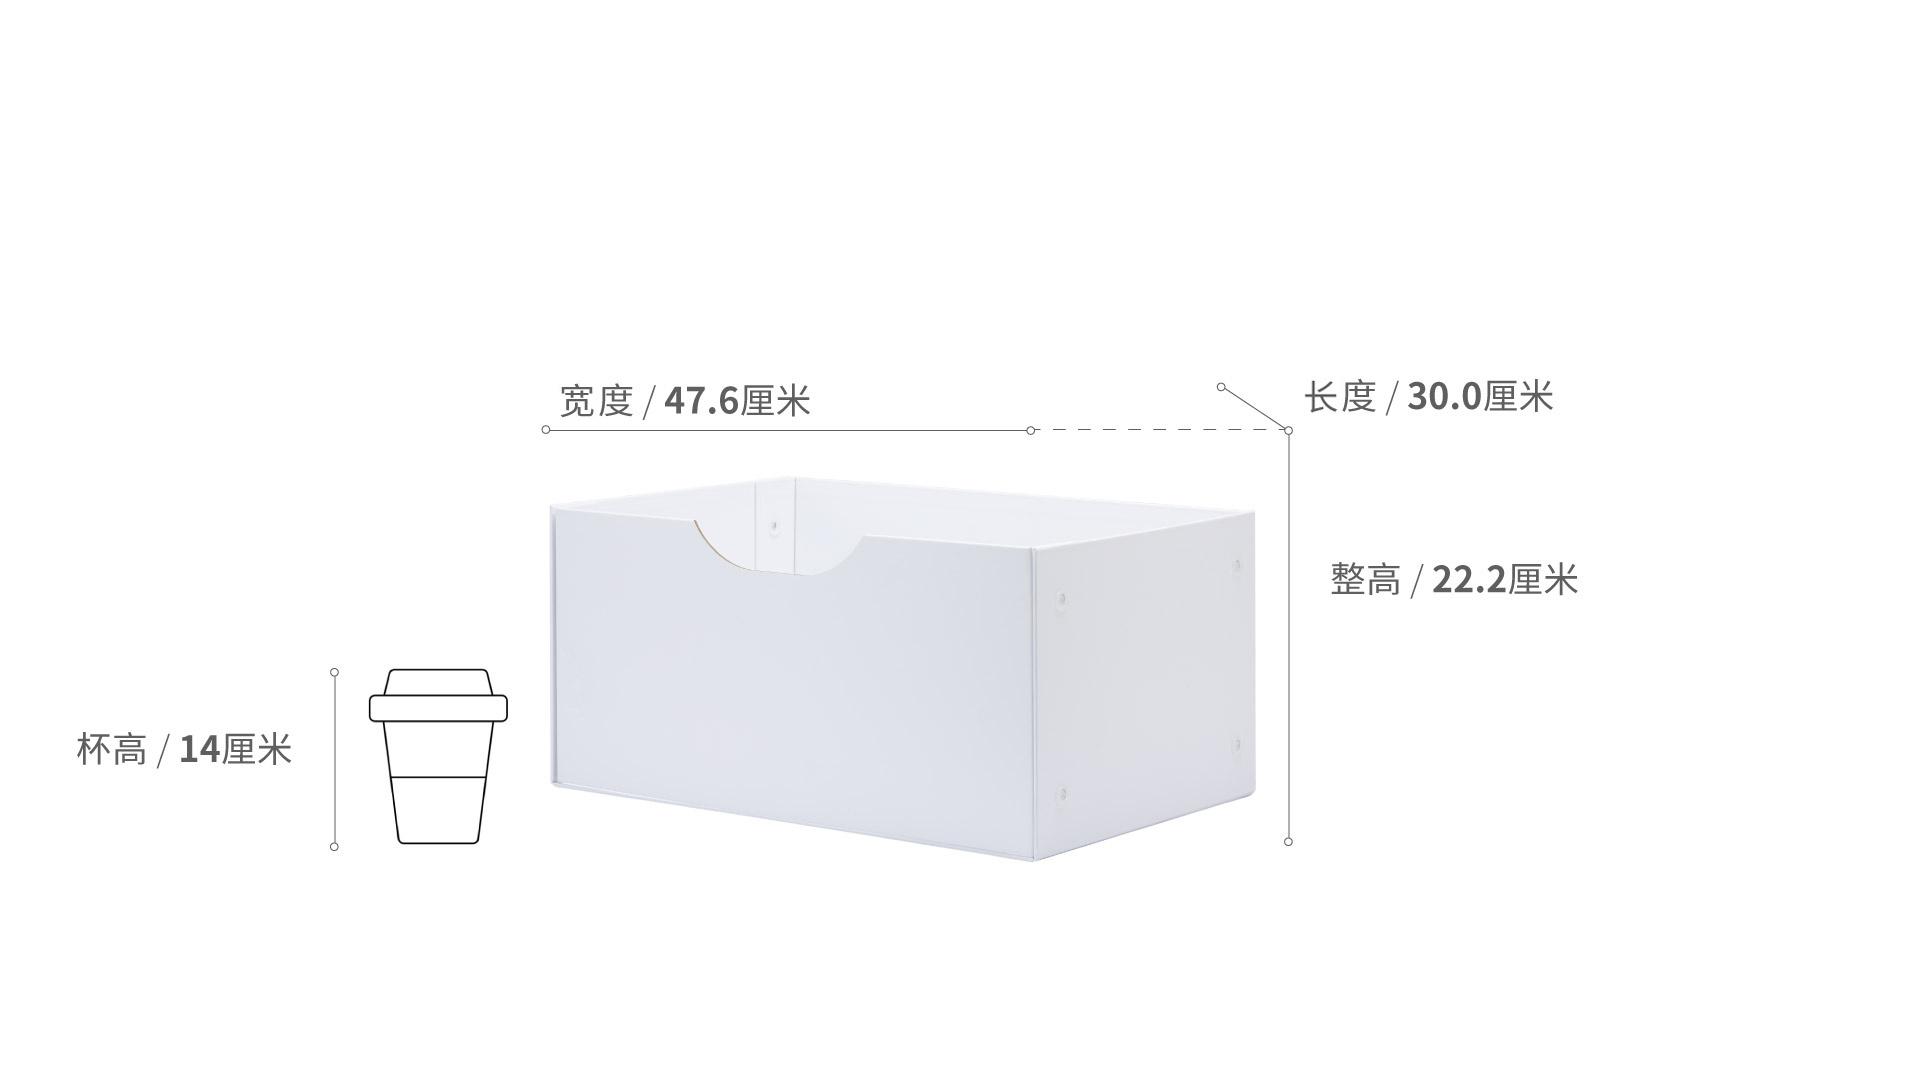 魔方磁力收纳系米白抽屉D柜架效果图